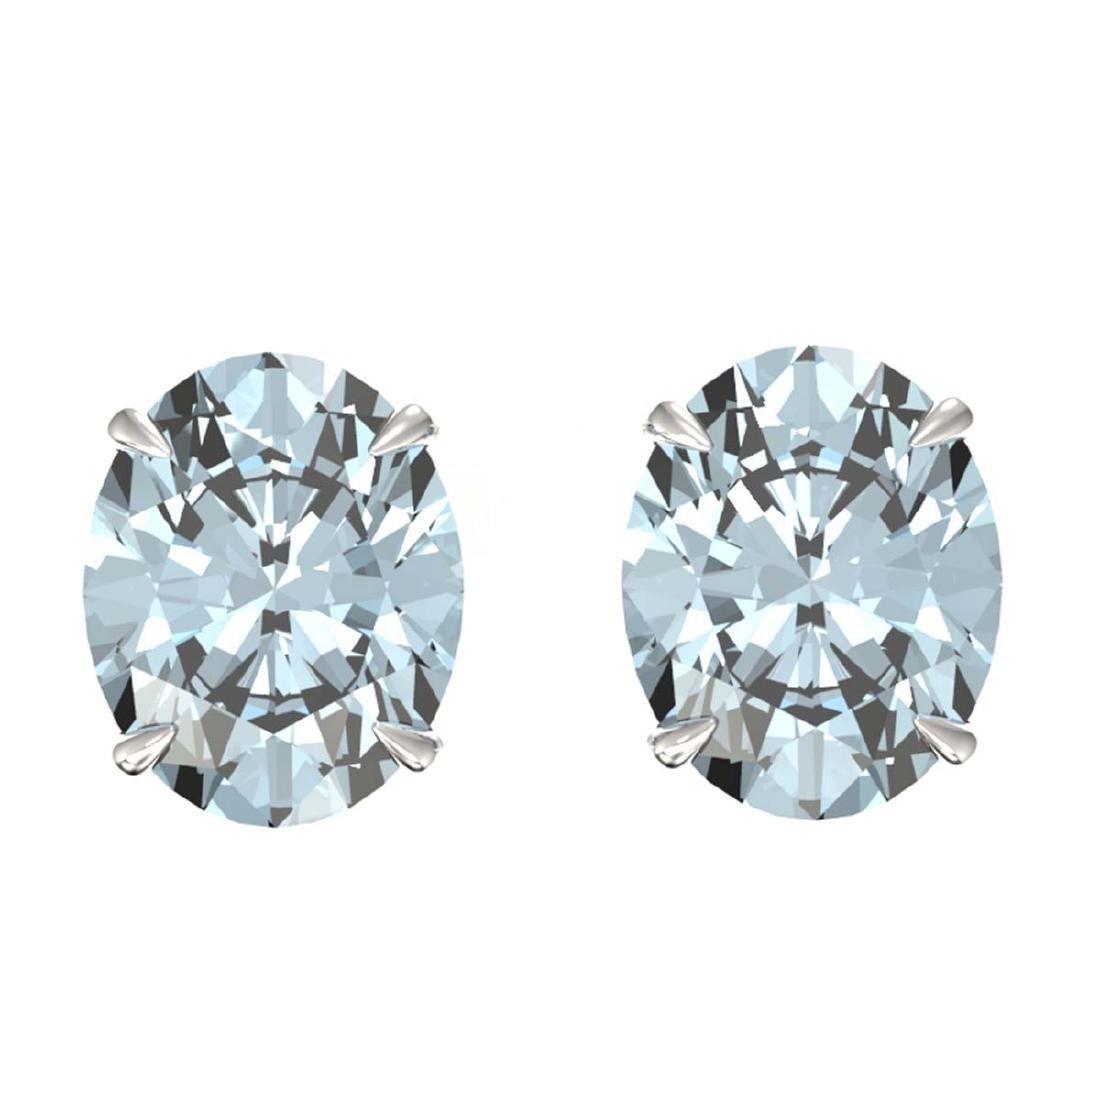 7 ctw Sky Blue Topaz Stud Earrings 18K White Gold -